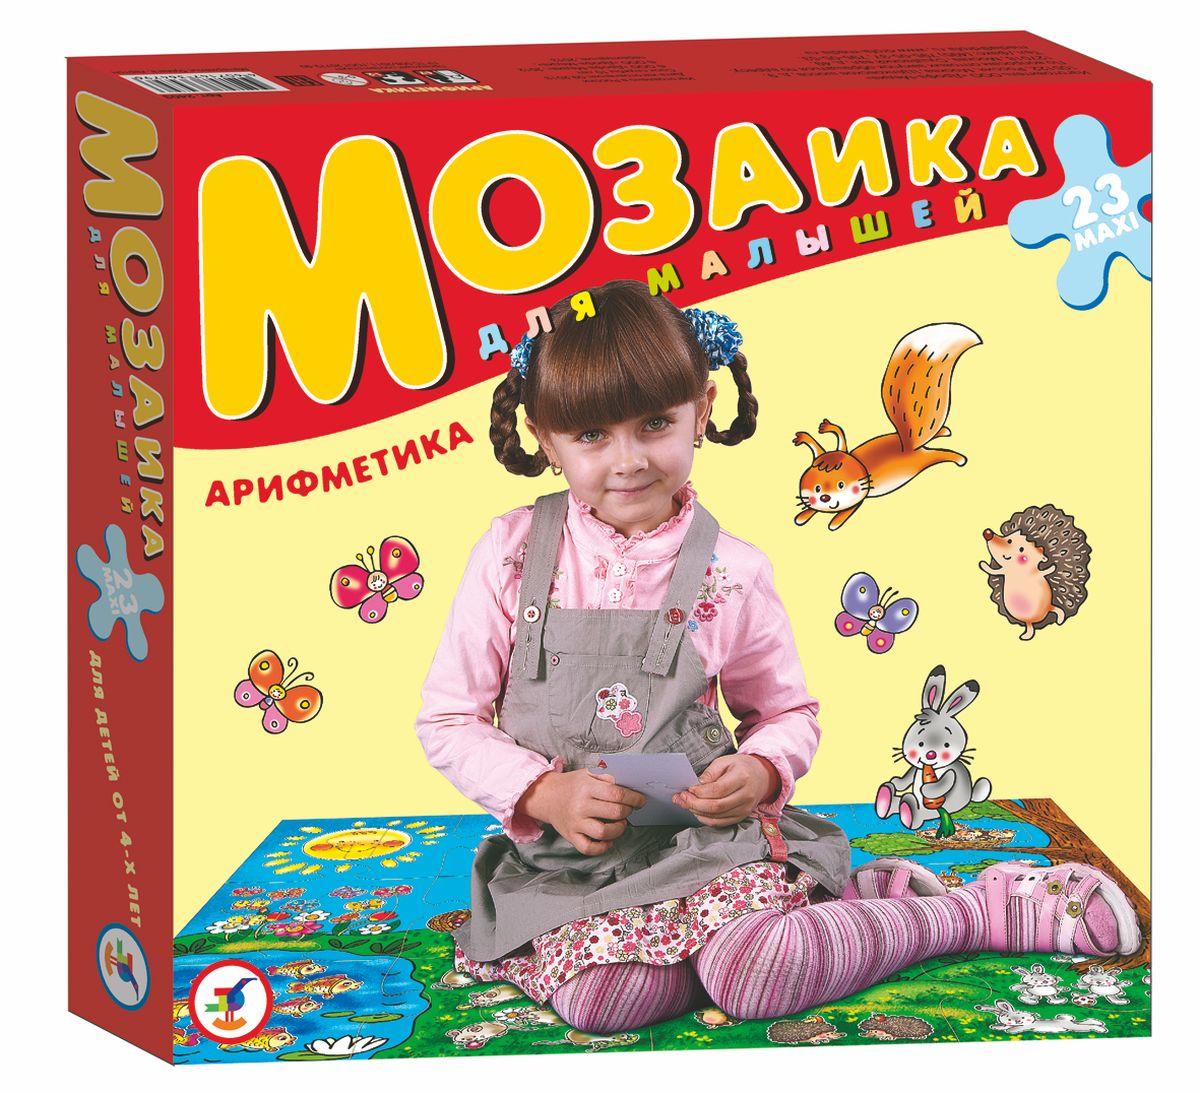 """Игра """"Арифметика"""" прекрасно подходит для первого знакомства малыша с мозаикой, способствует формированию навыка соединения целого изображения из нескольких элементов. Собрав целую картину, ребенок увидит лесную полянку и гуляющих на ней мальчика и девочку. Крупные и яркие детали мозаики удобно собирать на полу. Ребенок научится складывать сюжетную картинку из нескольких частей и подбирать подходящие по форме недостающие фрагменты рисунка. Набор из 24 крупных пазловых элементов. Игра развивает зрительное восприятие, образное мышление и мелкую моторику рук, расширяют кругозор."""